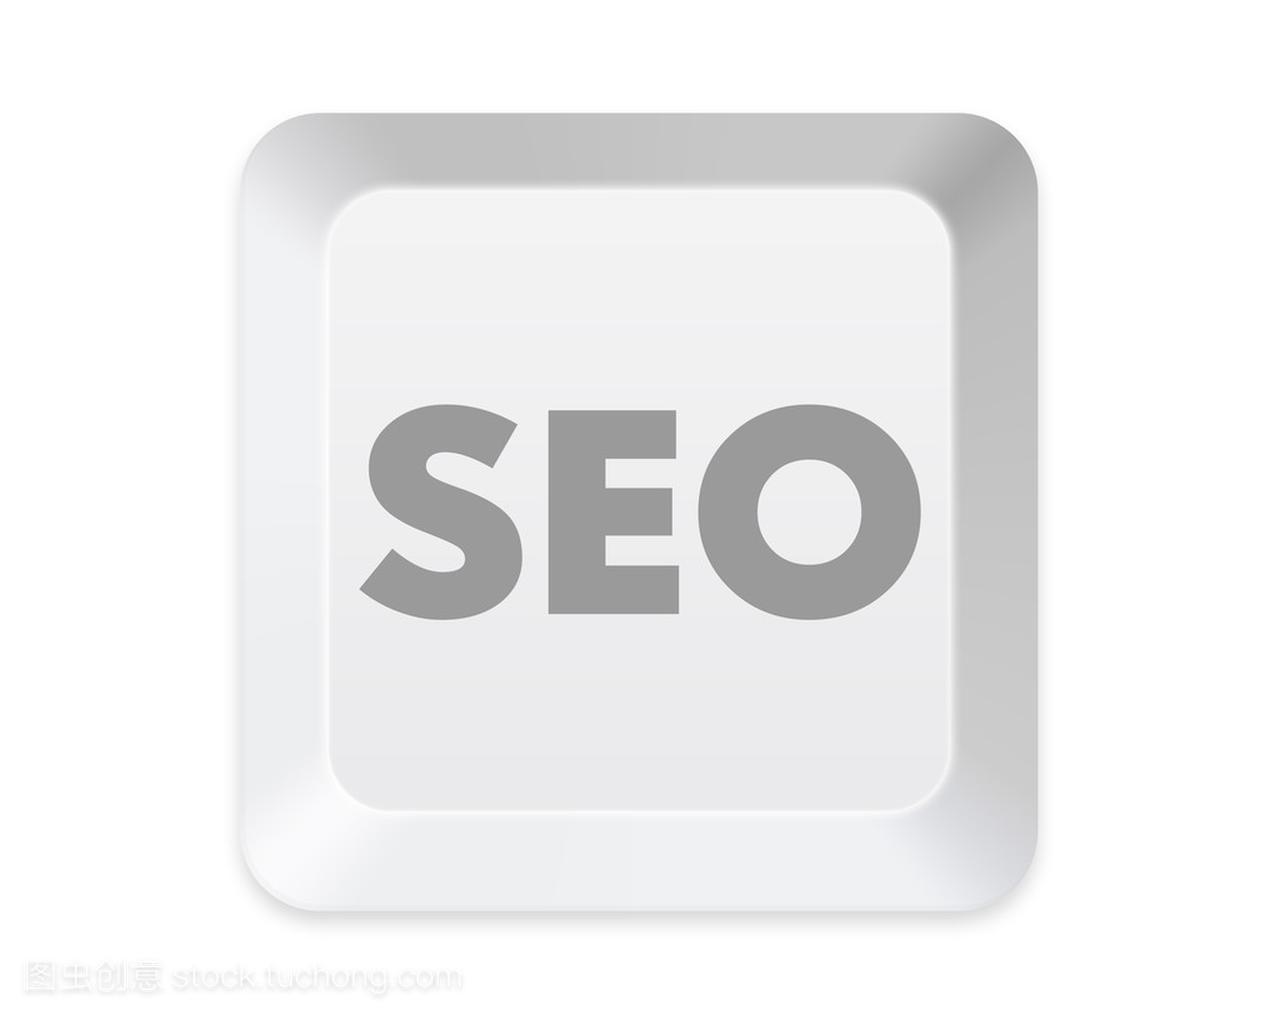 seo搜索引擎是什么意思